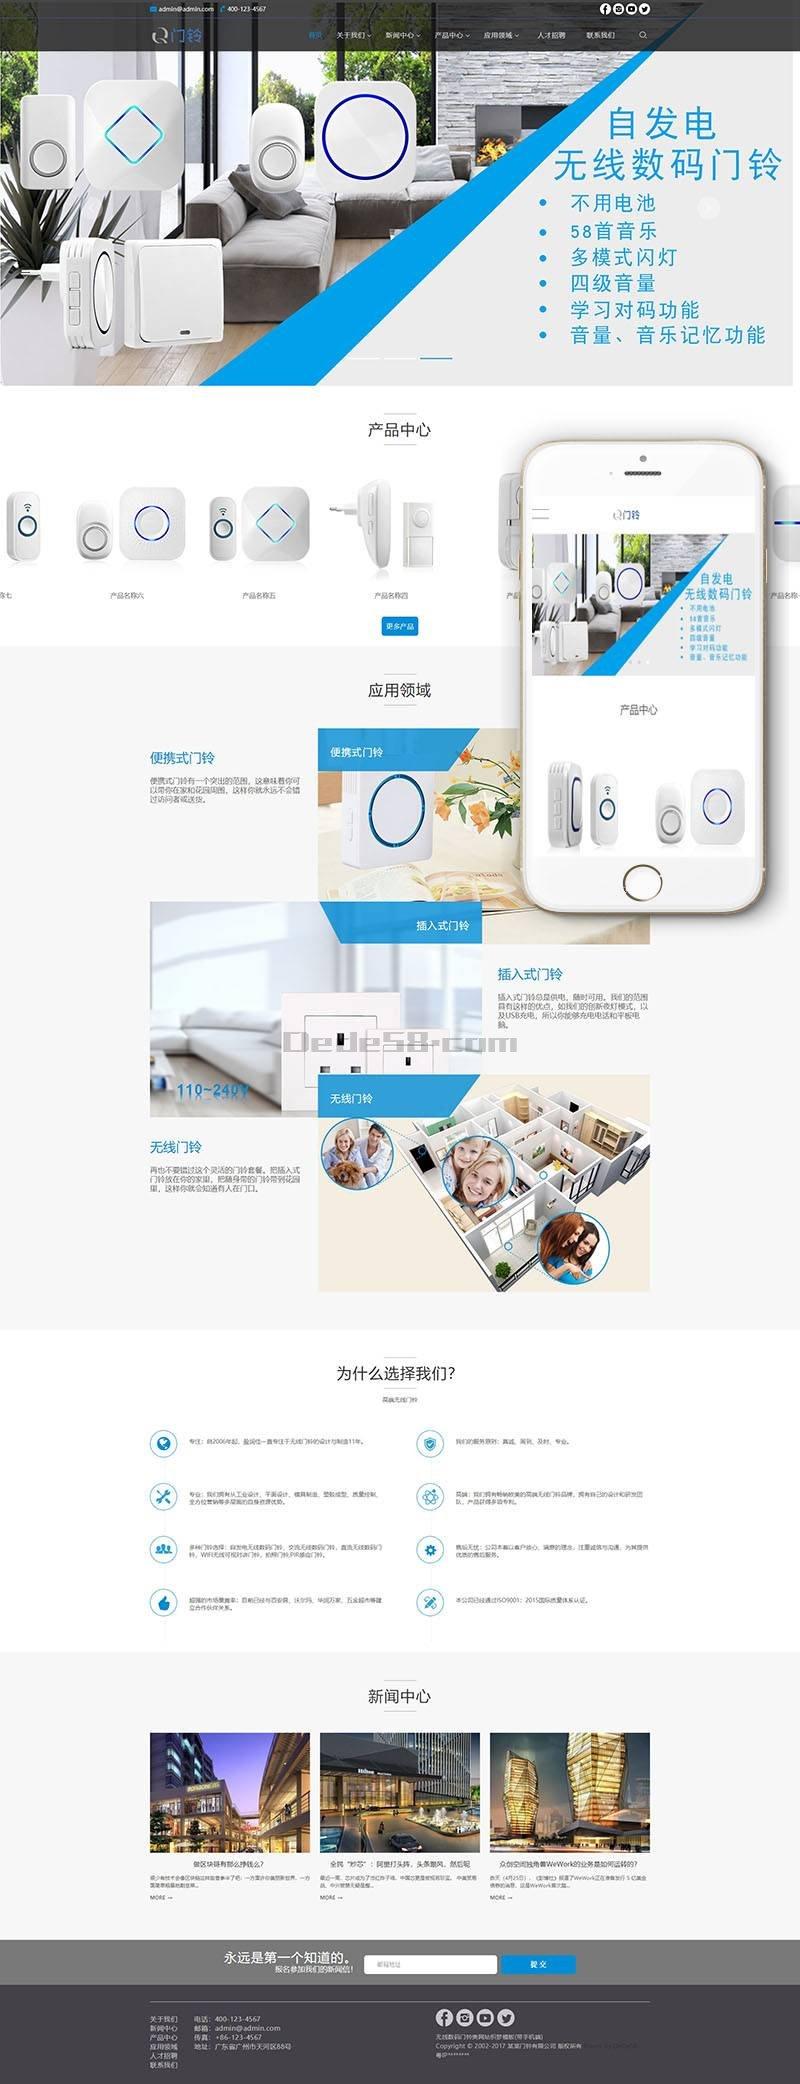 织梦dedecms模板 无线数码门铃类网站织梦模板PC+wap+利于SEO优化